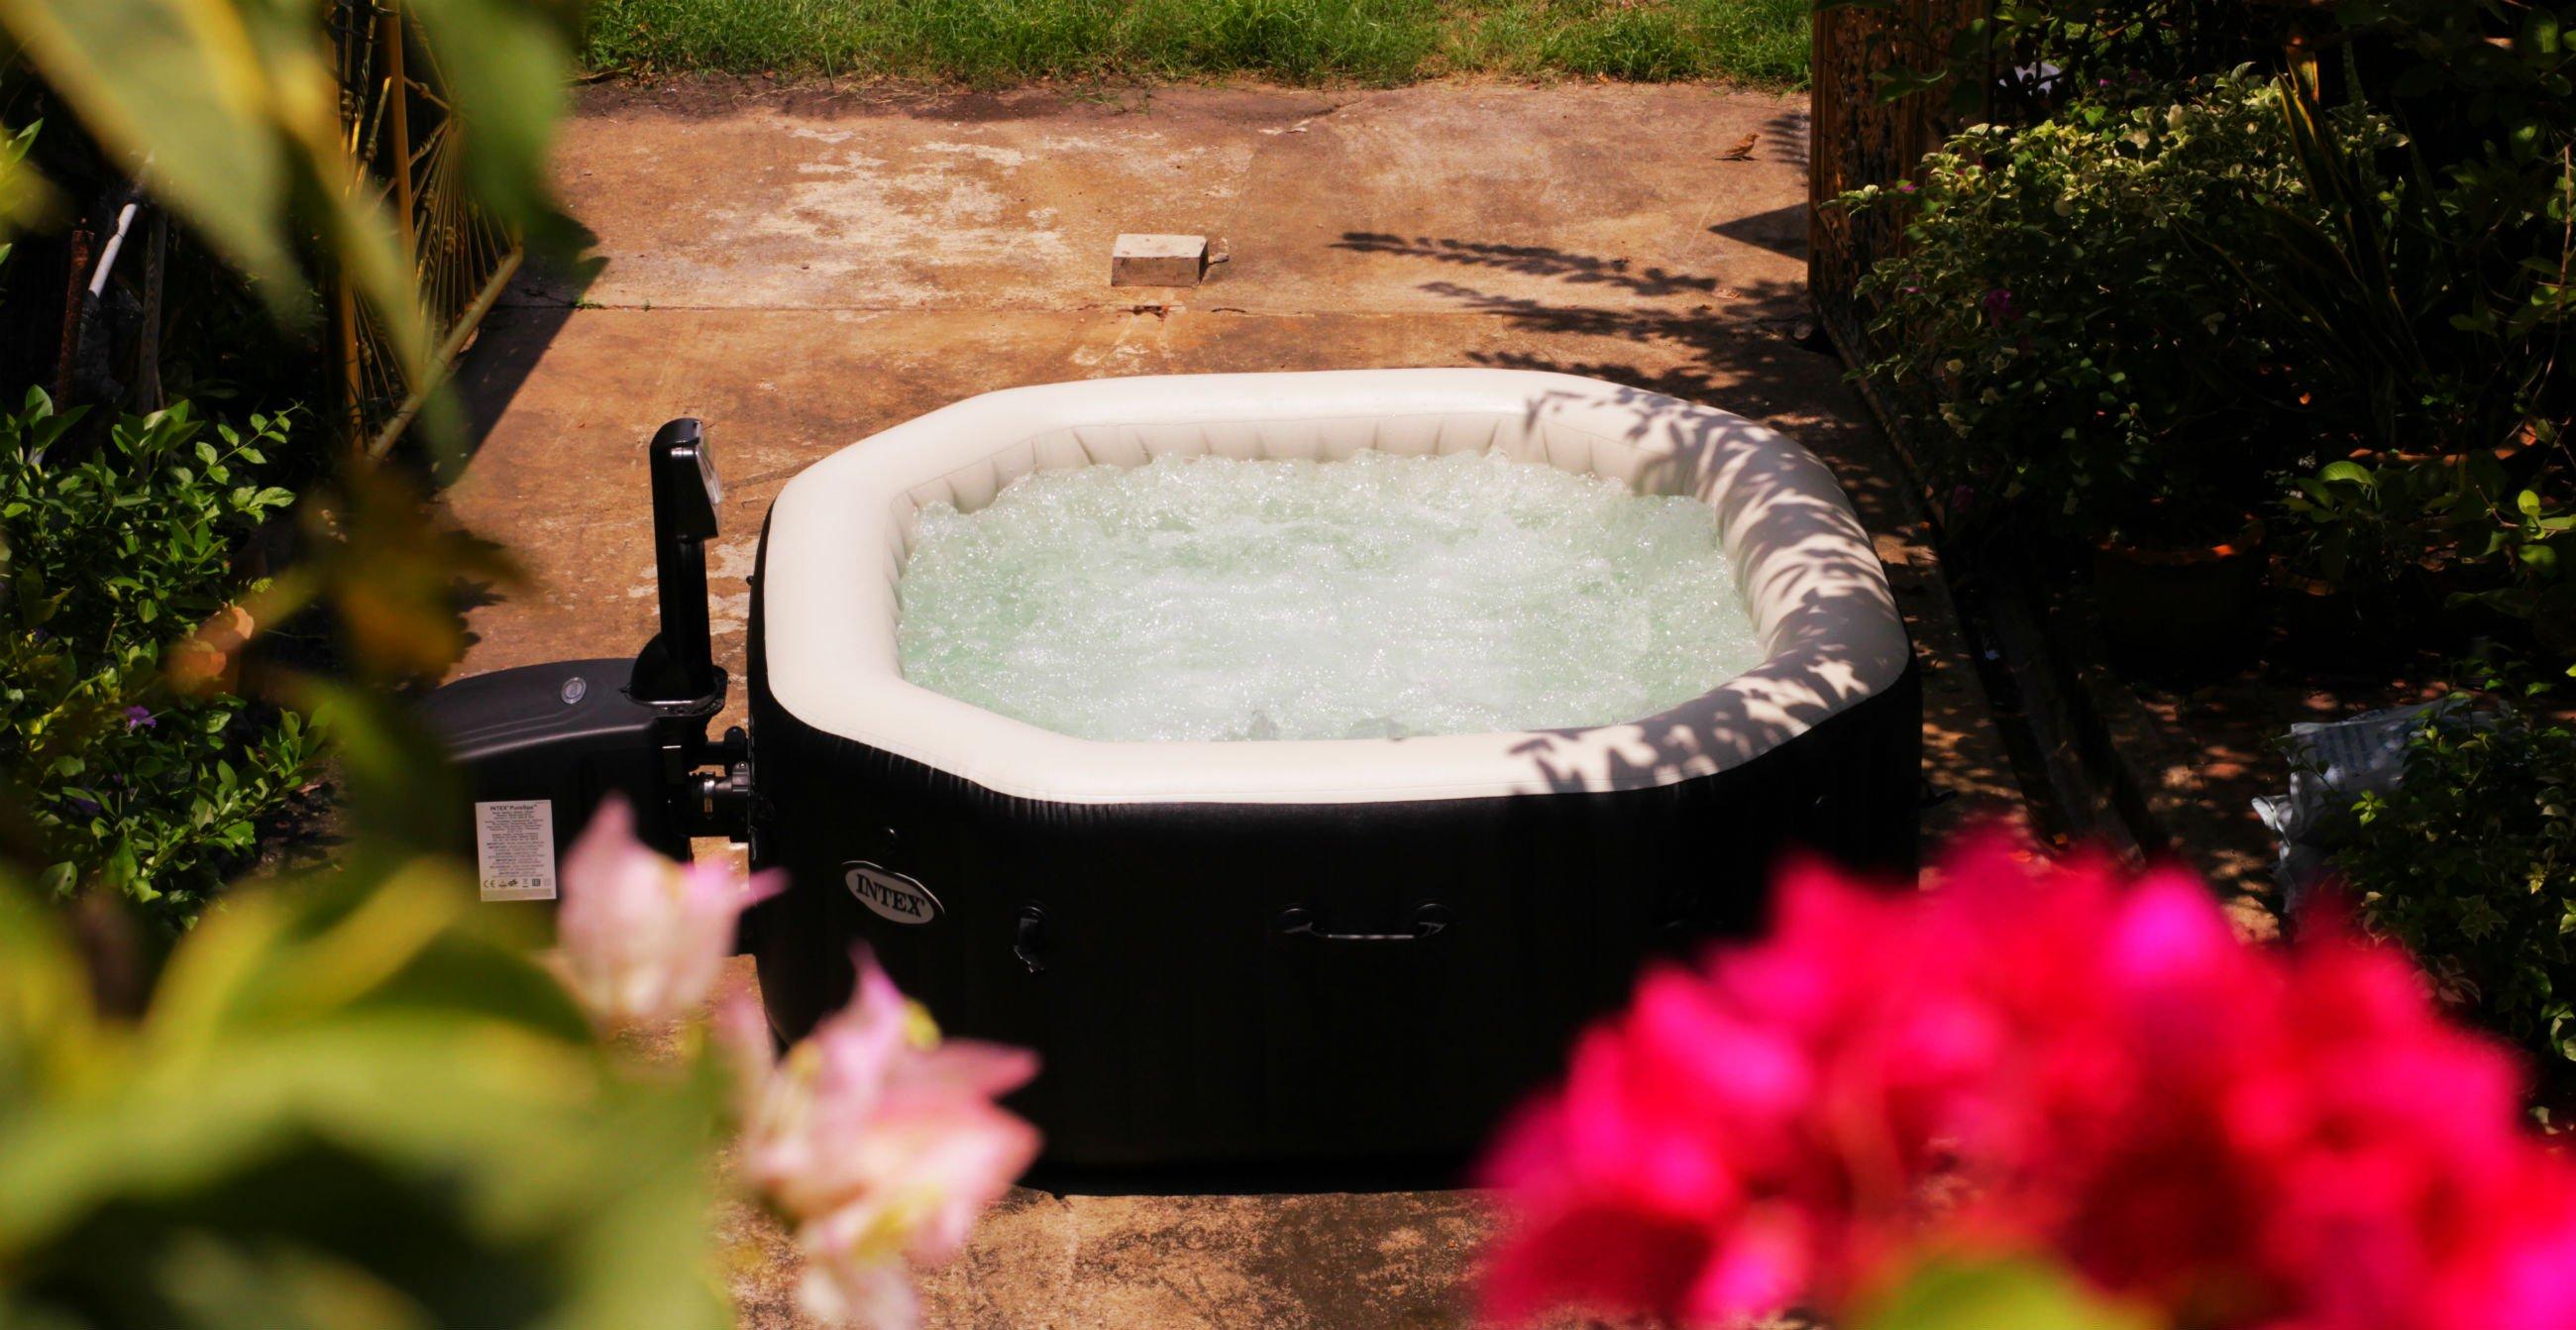 อ่างน้ำร้อน INTEX PURE SPA อ่างน้ำวน อ่างจากุซซี่ อ่างน้ำสปา ซาวน่า รีสอร์ท ในบ้าน นอกบ้าน เพื่อผู้สูงอายุ